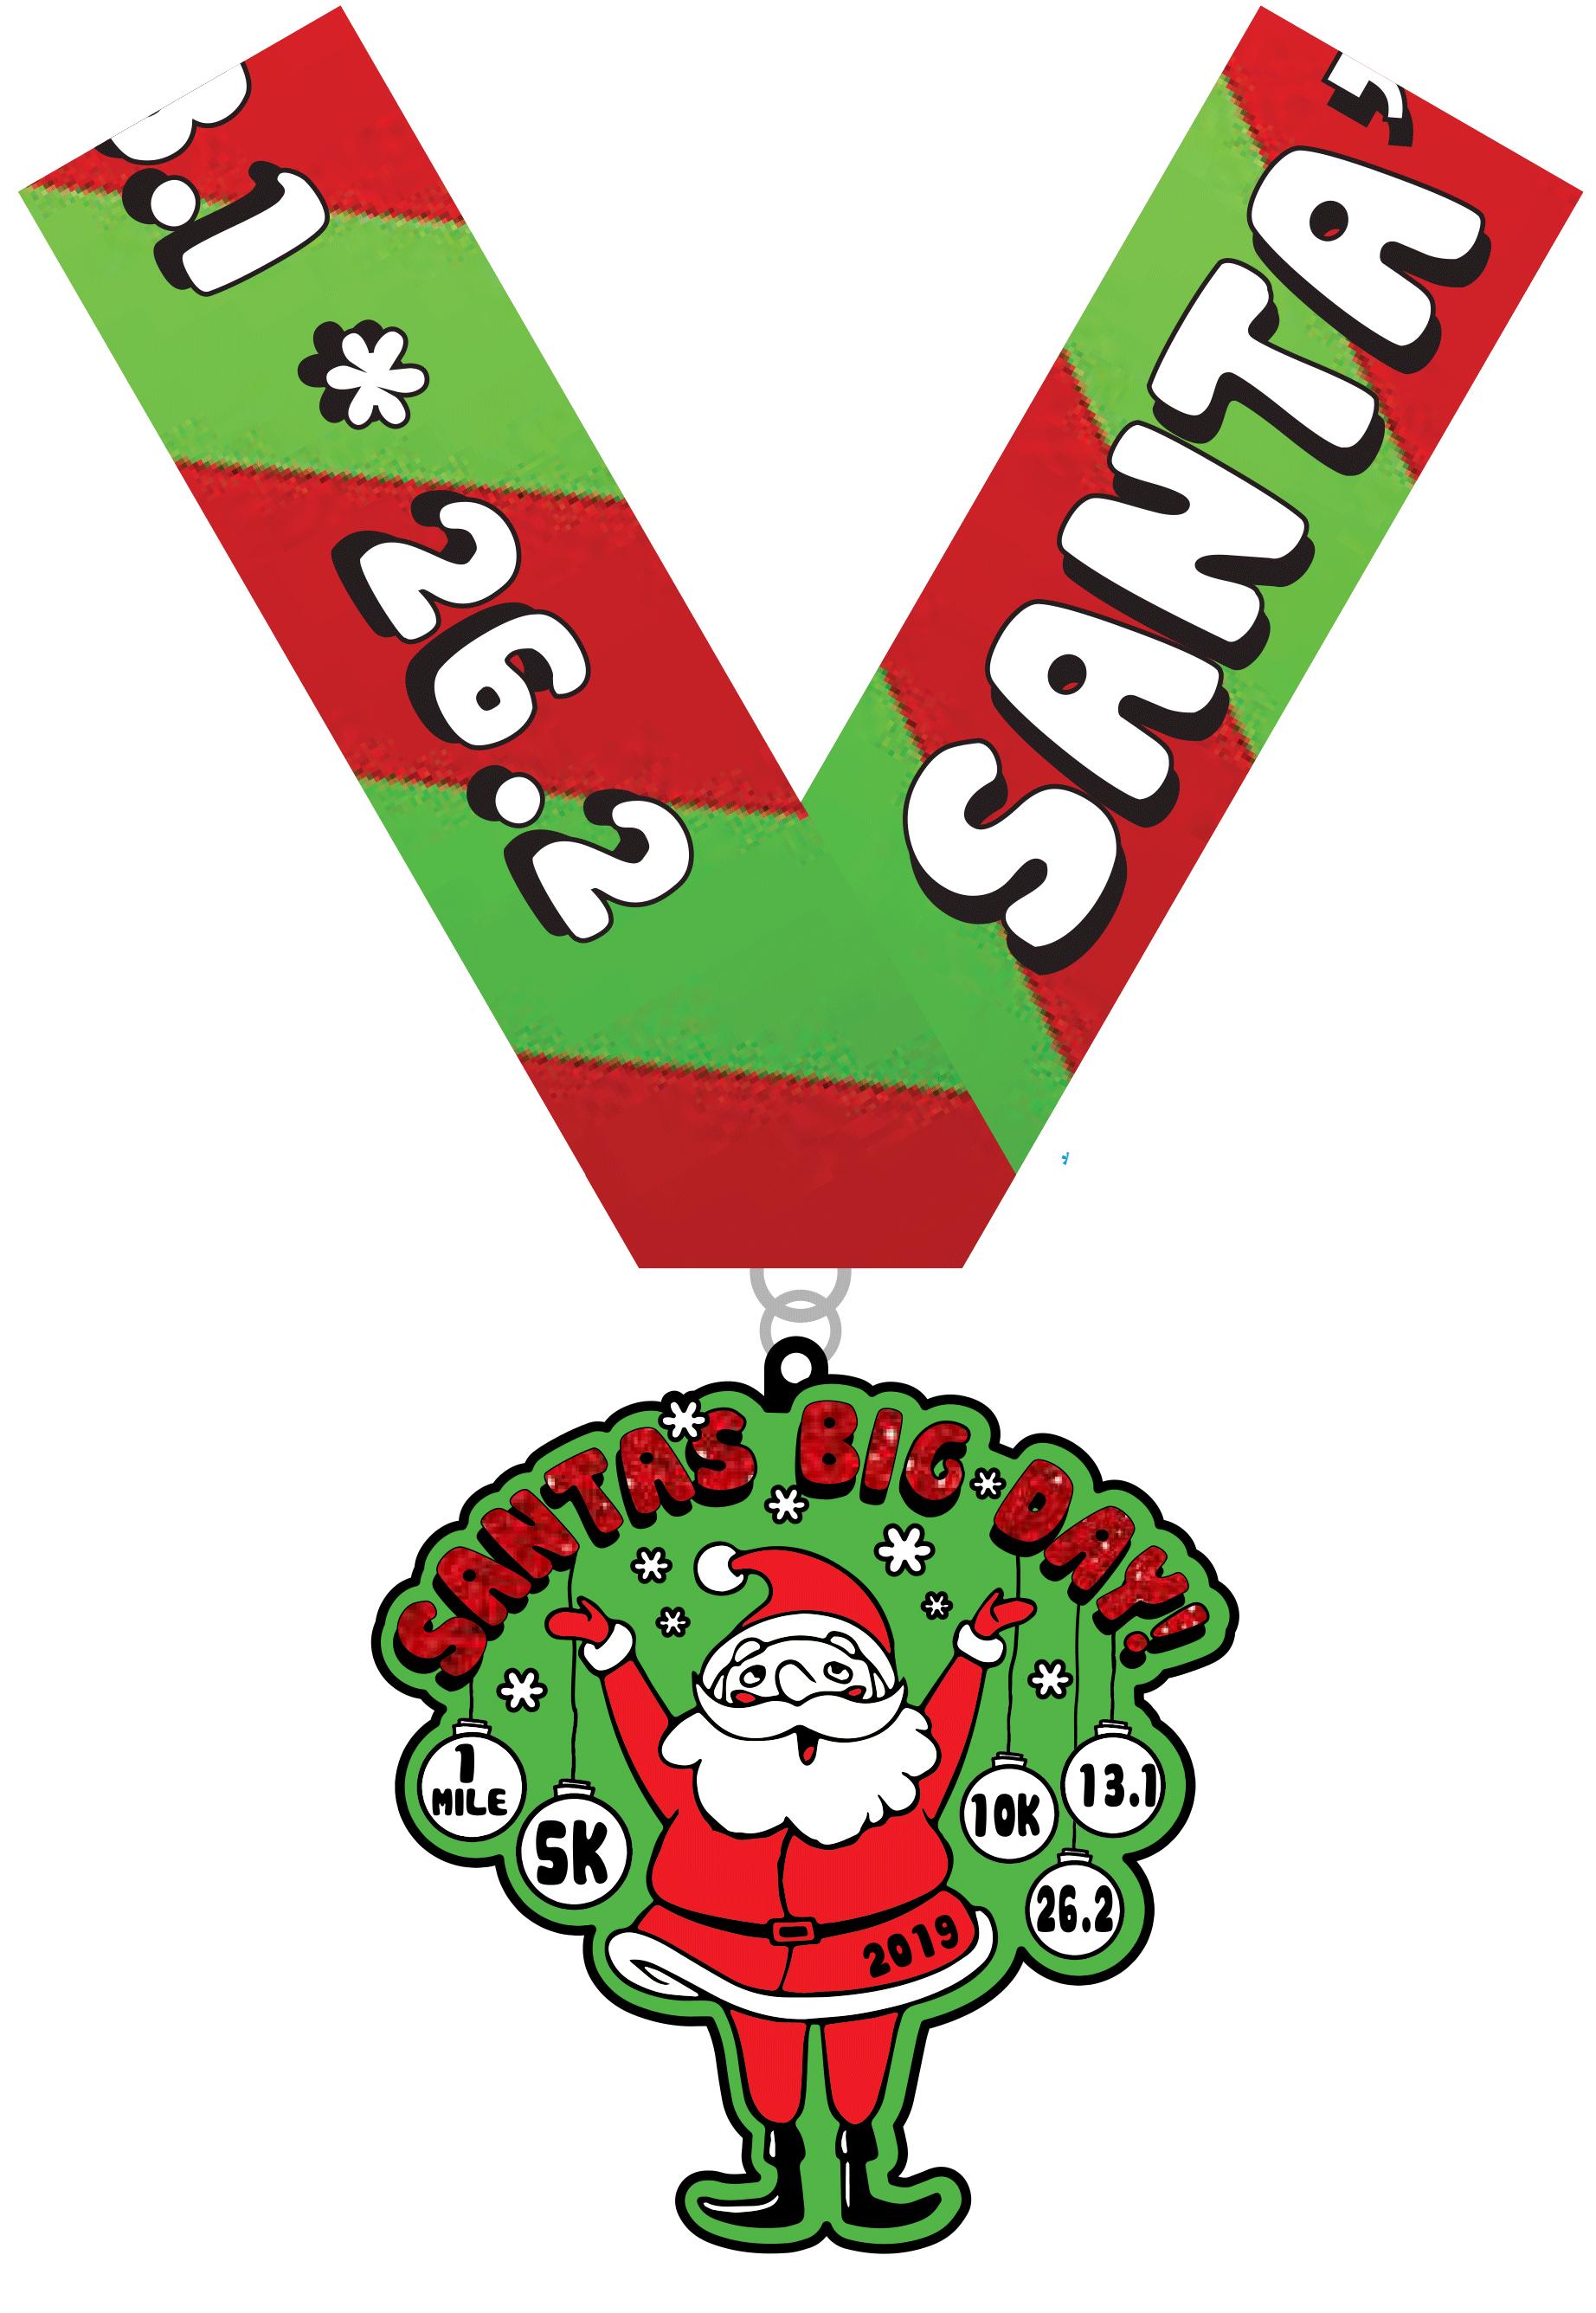 2019 Santa's Big Day 1M, 5K, 10K, 13 1, 26 2-Flint Tickets